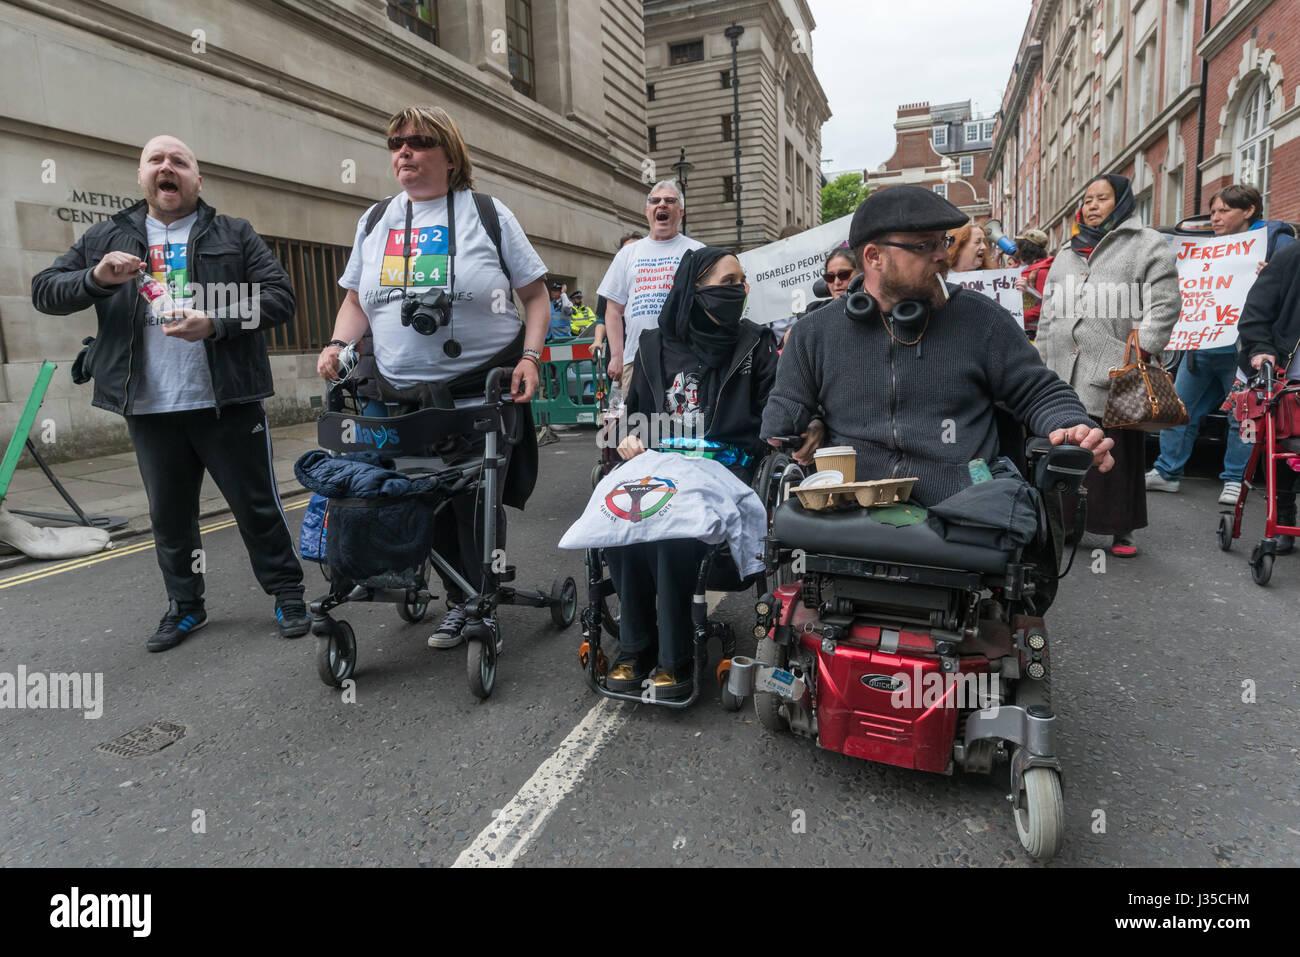 Londres, Reino Unido. El 2 de mayo de 2017. Las personas con discapacidad contra los recortes (DPAC) protesta desplazarse Imagen De Stock